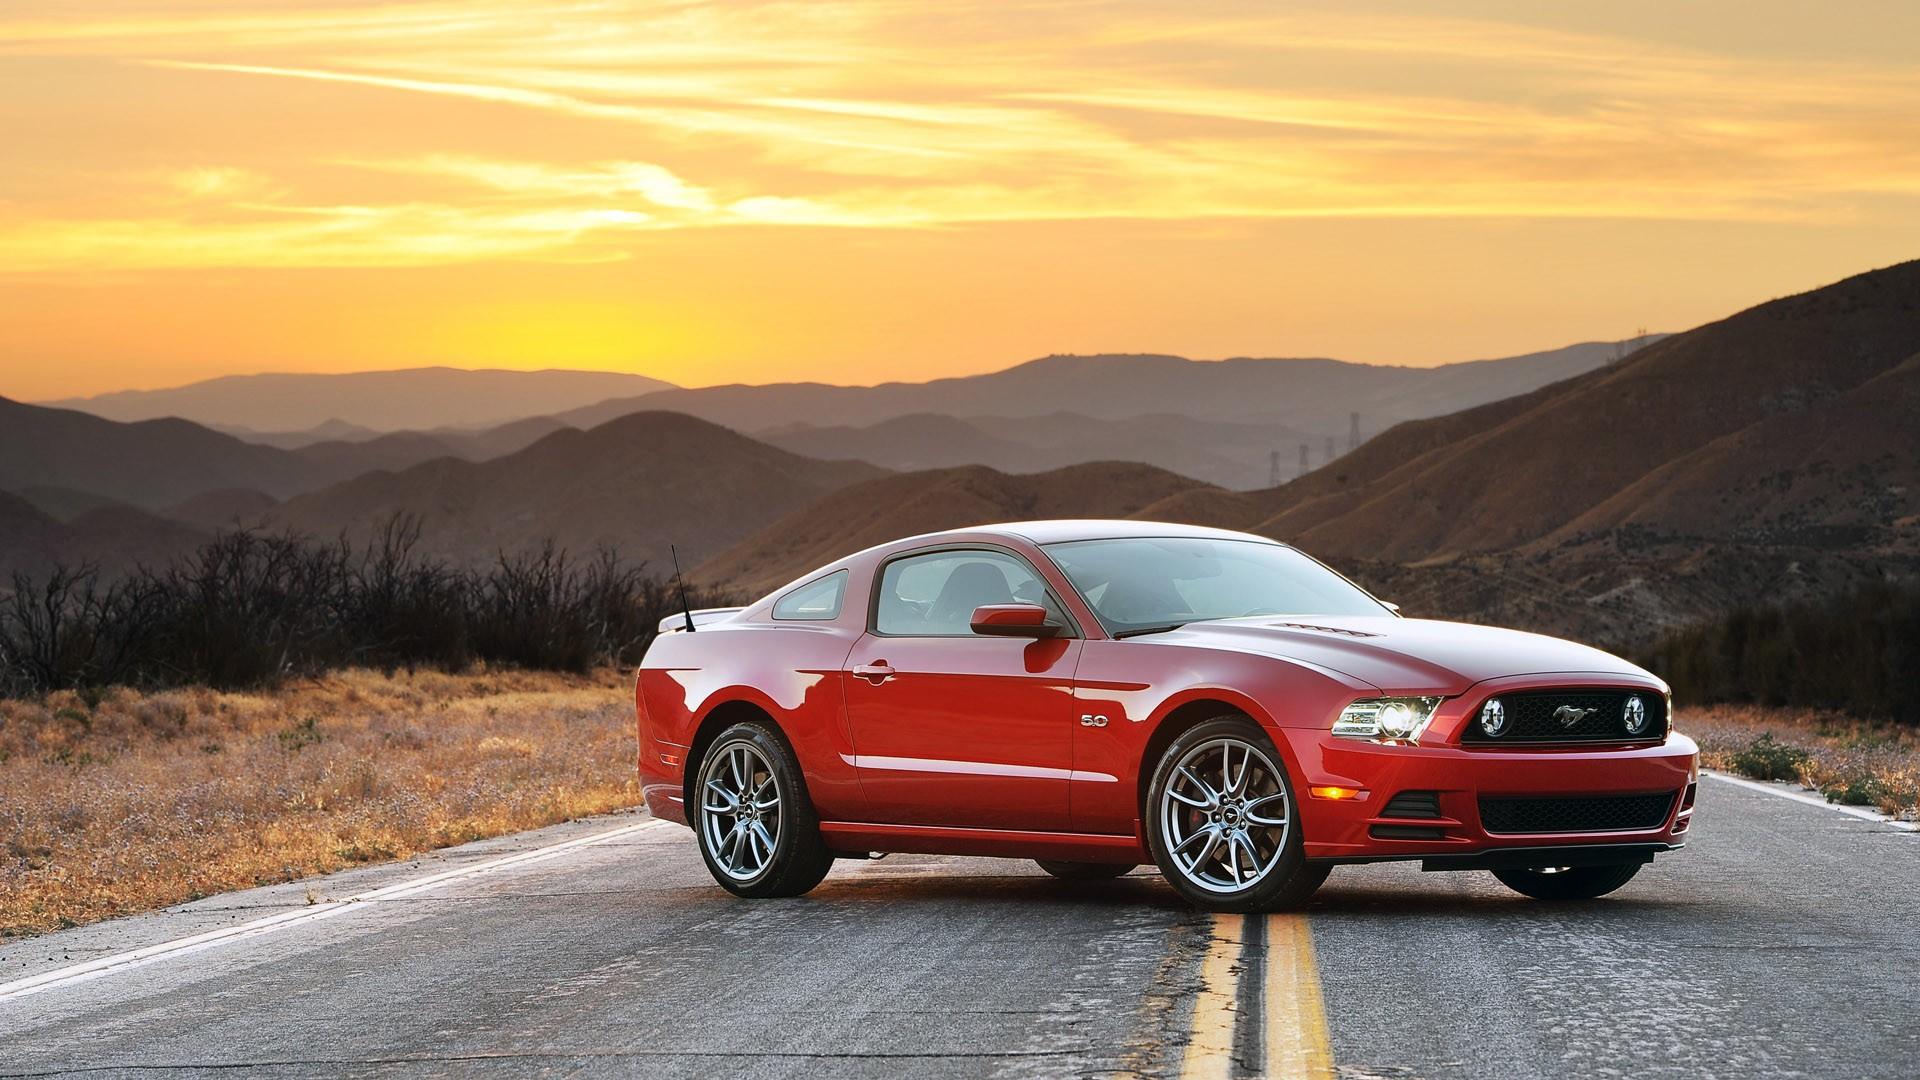 Ford Mustang Wallpaper 2014 1920x1080 Wallpaper Teahub Io